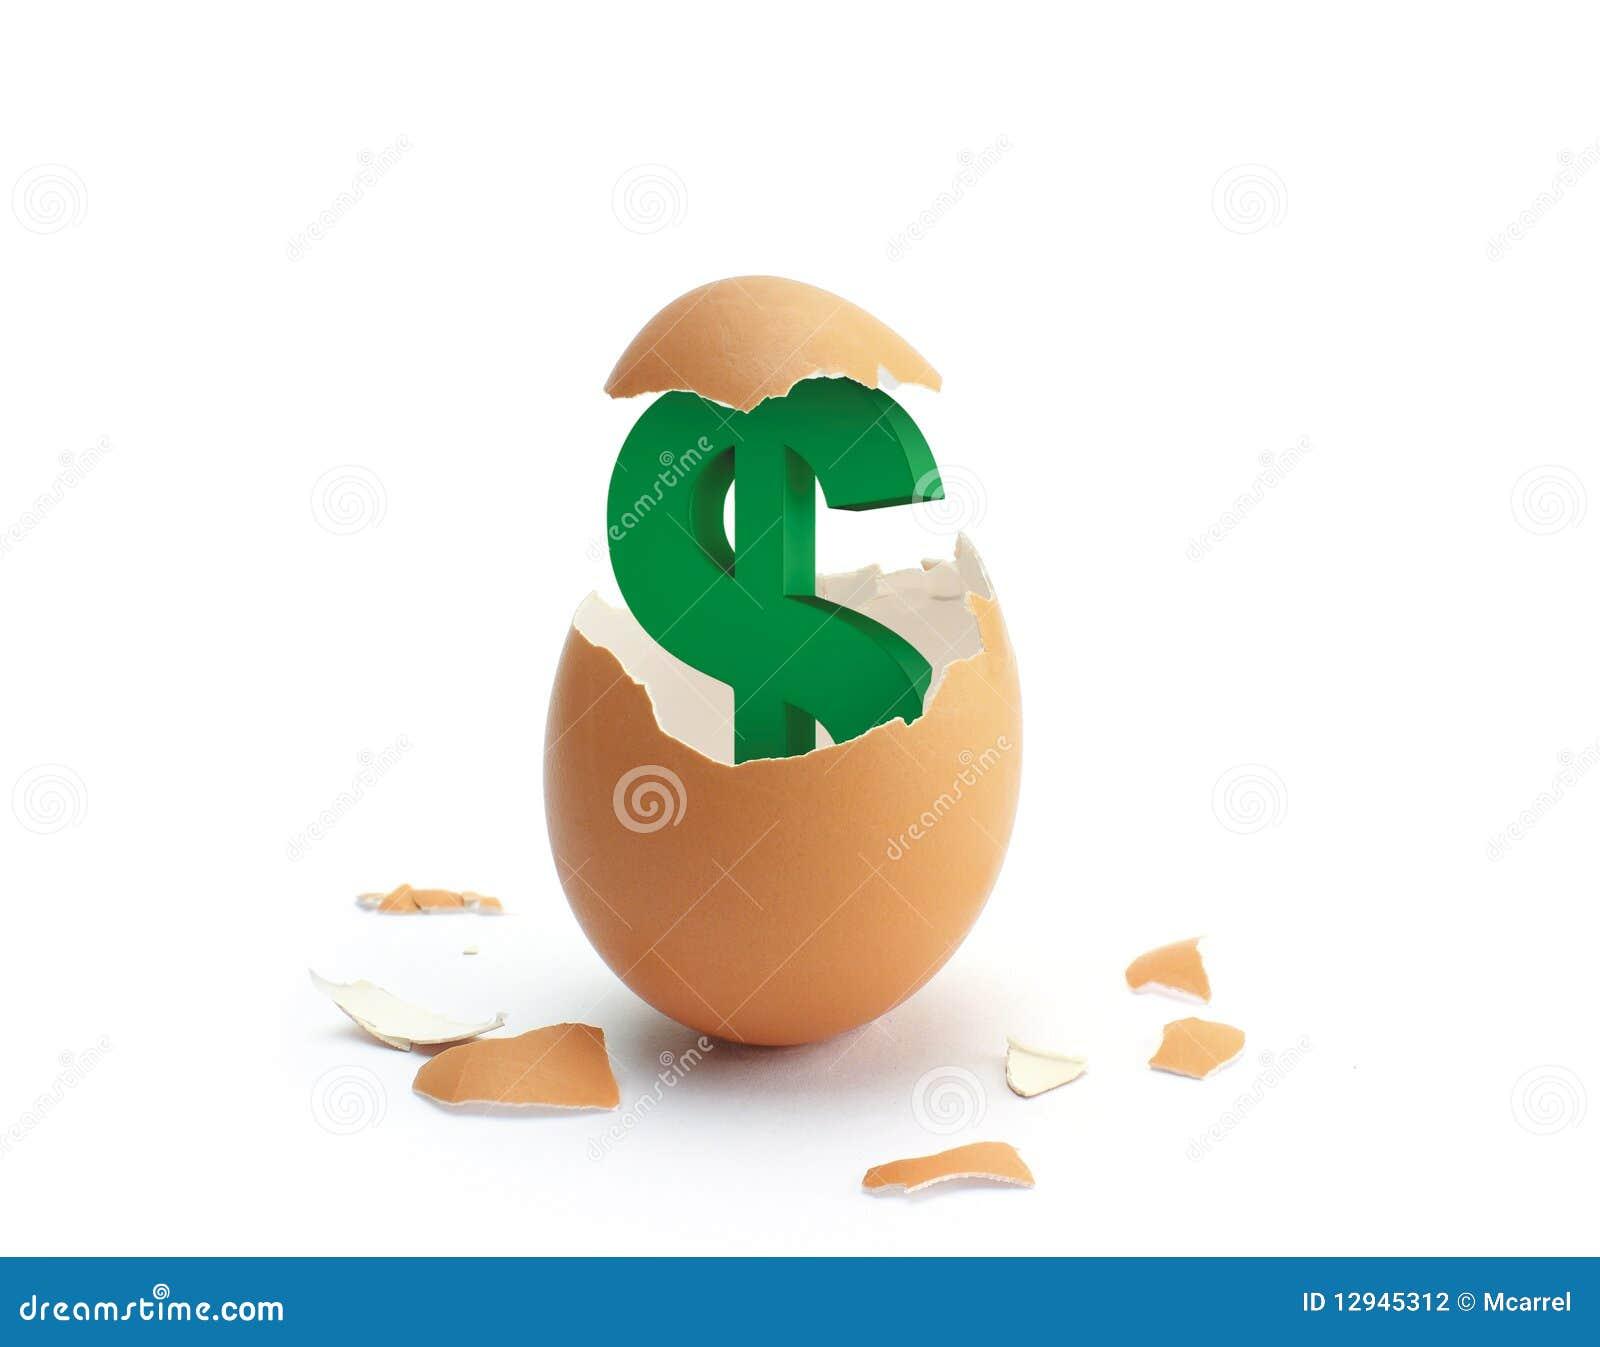 Business plan egg